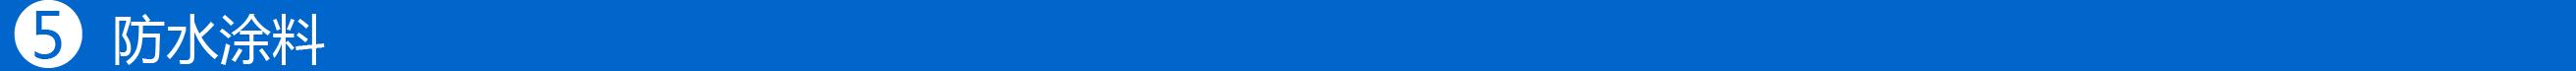 涂料蓝-01